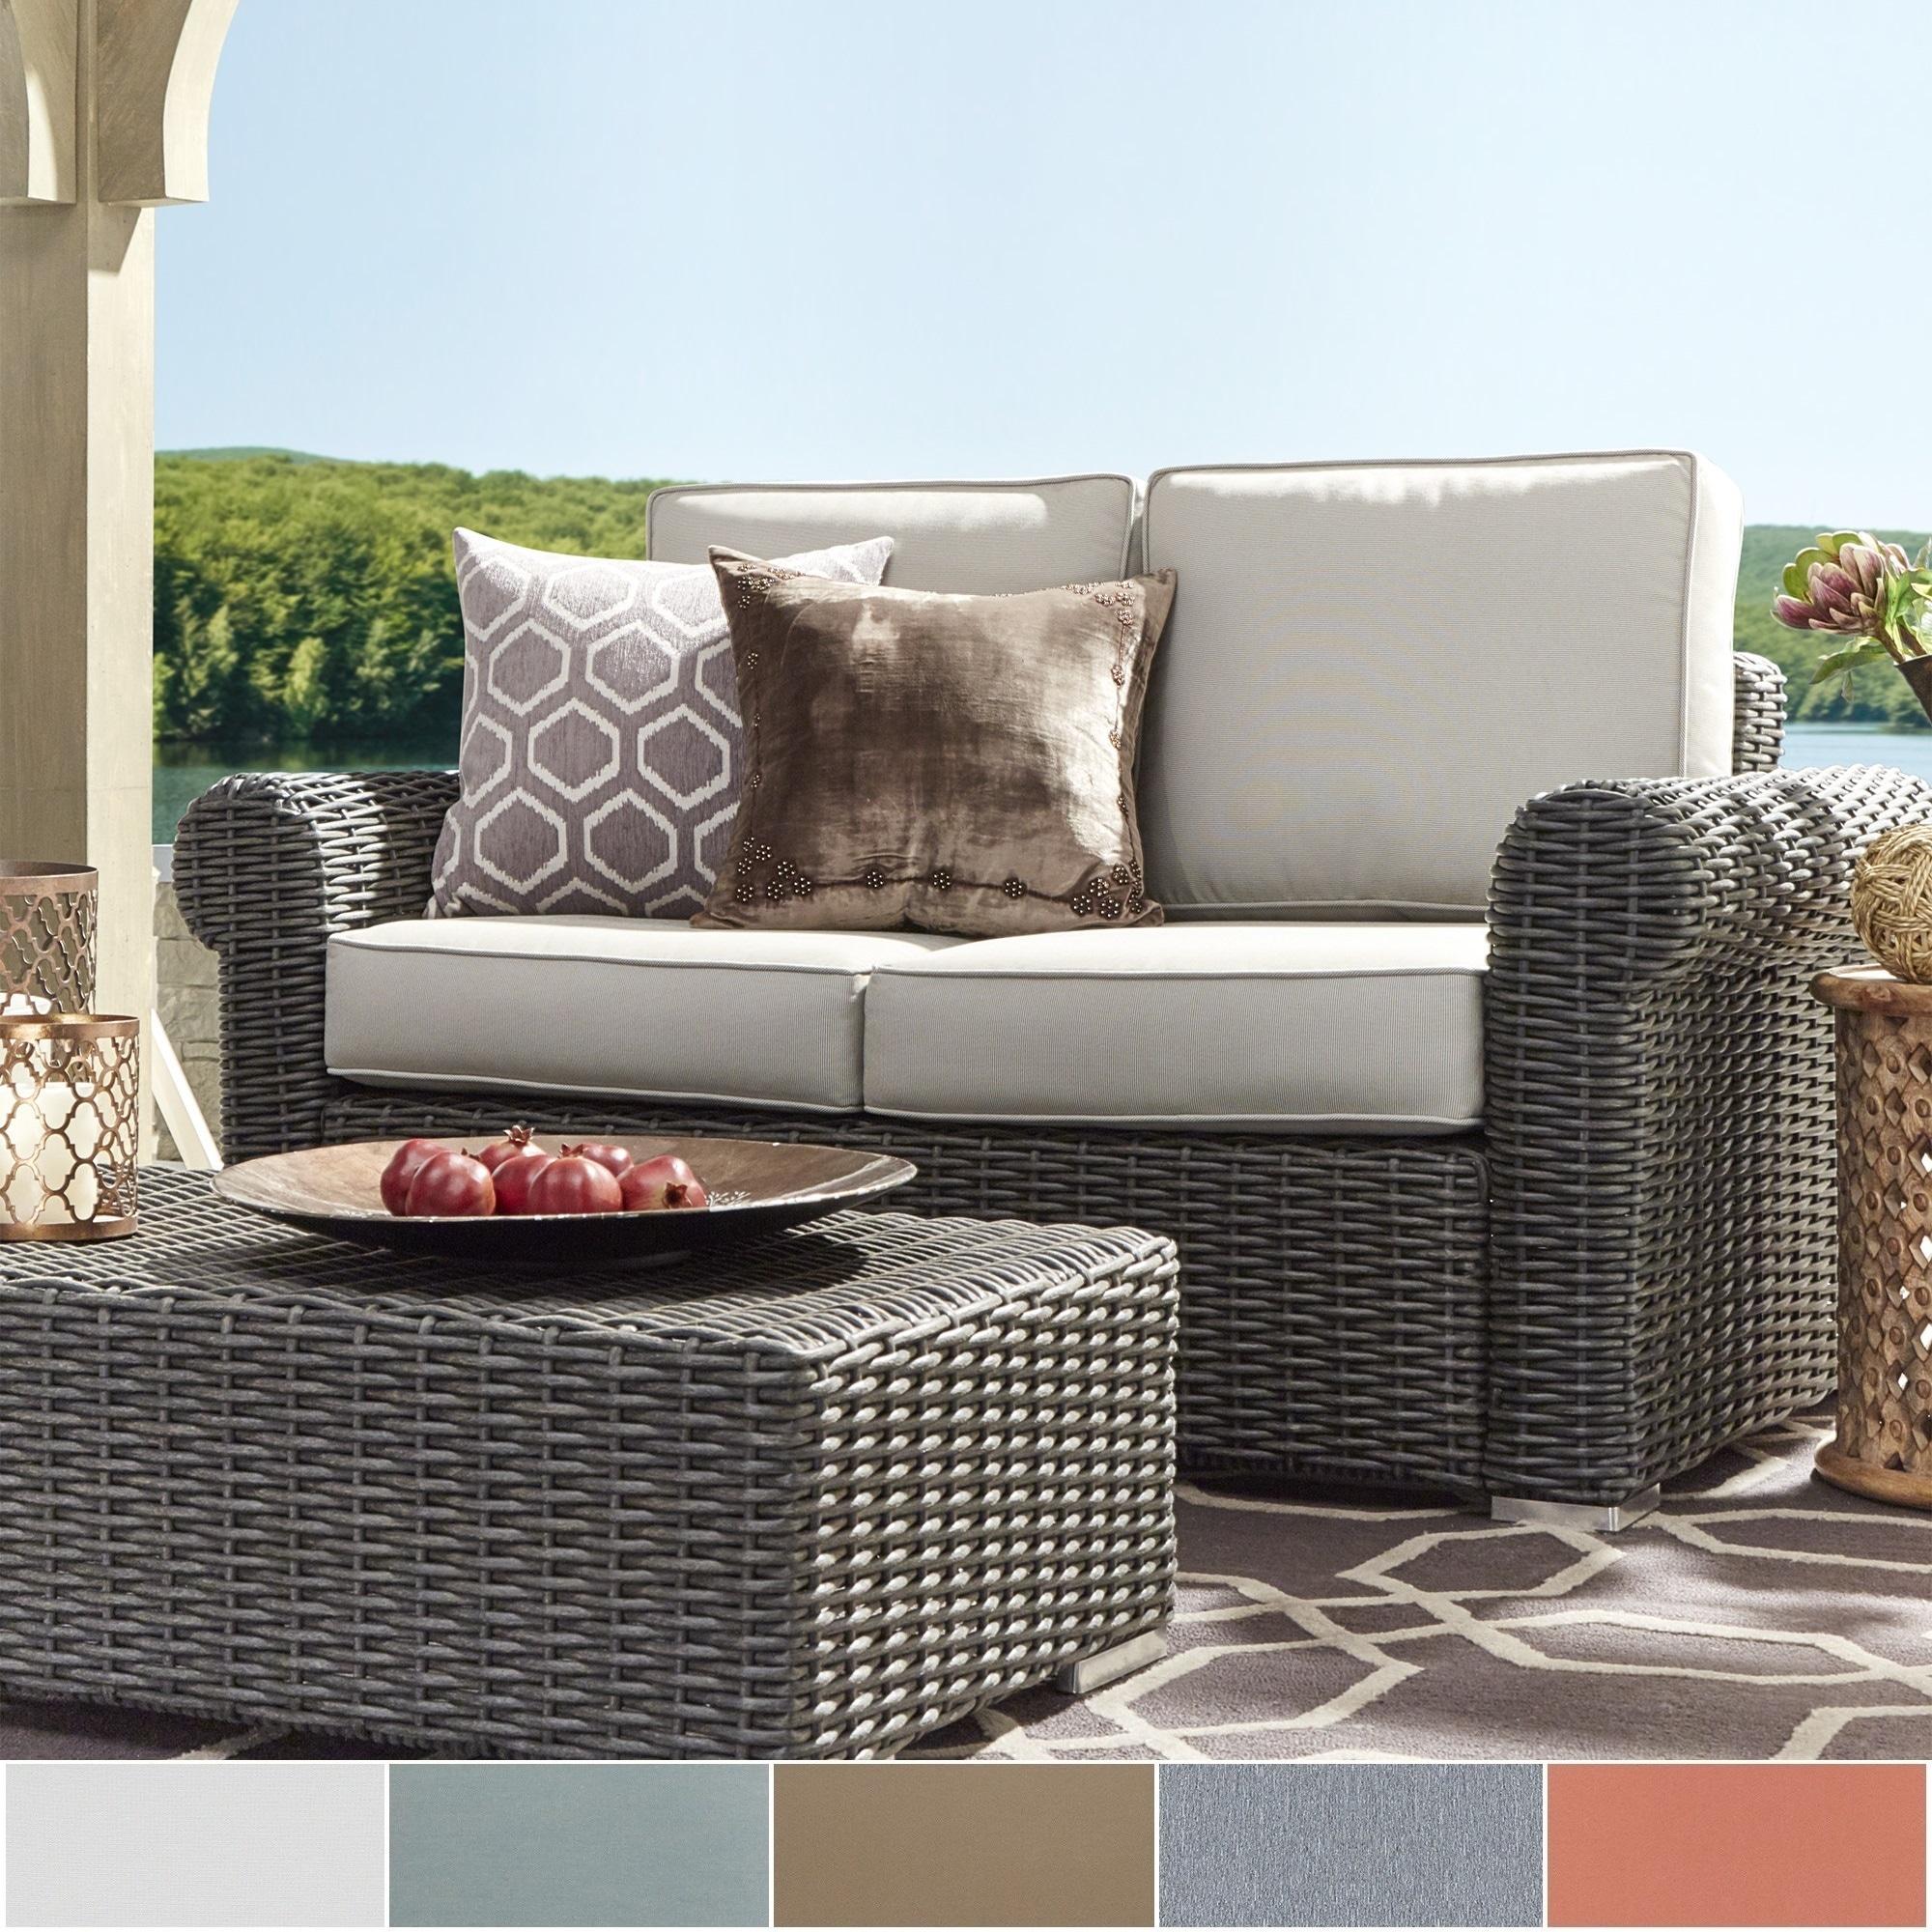 Living Room Wicker Furniture Design Decoration # Muebles Novella